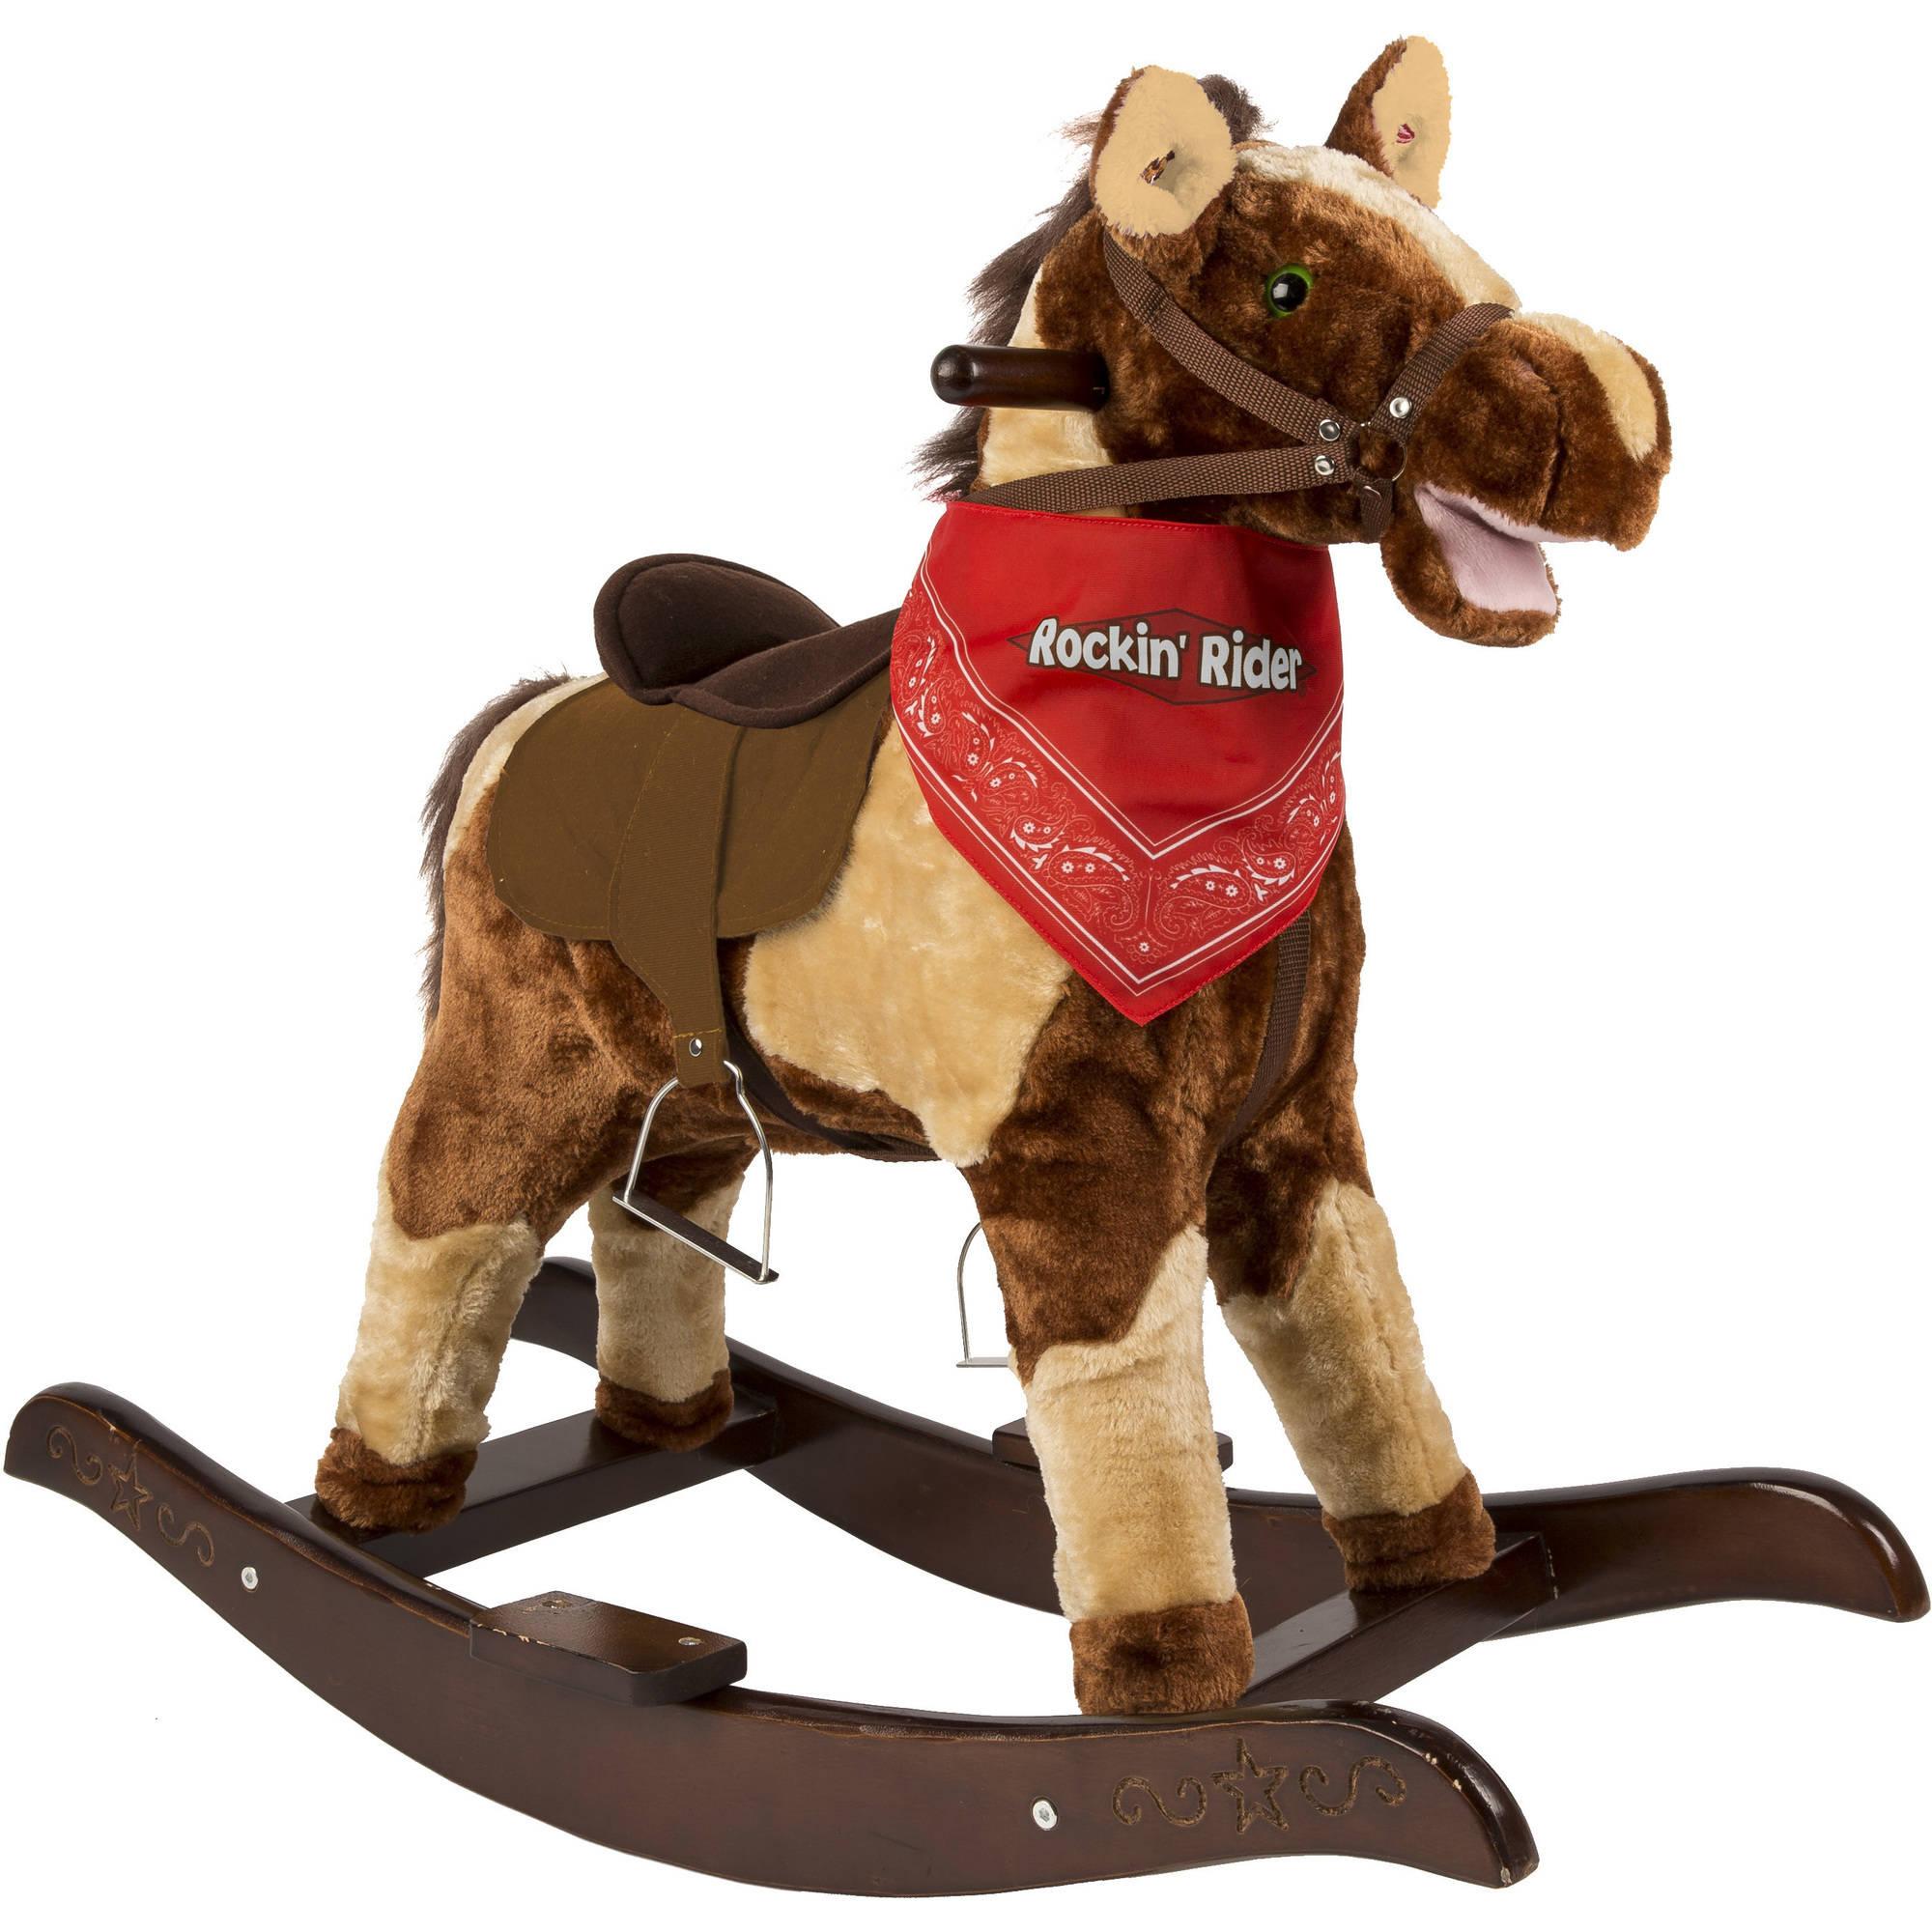 Tek Nek Toys International Rockin' Rider Scout Rocking Horse